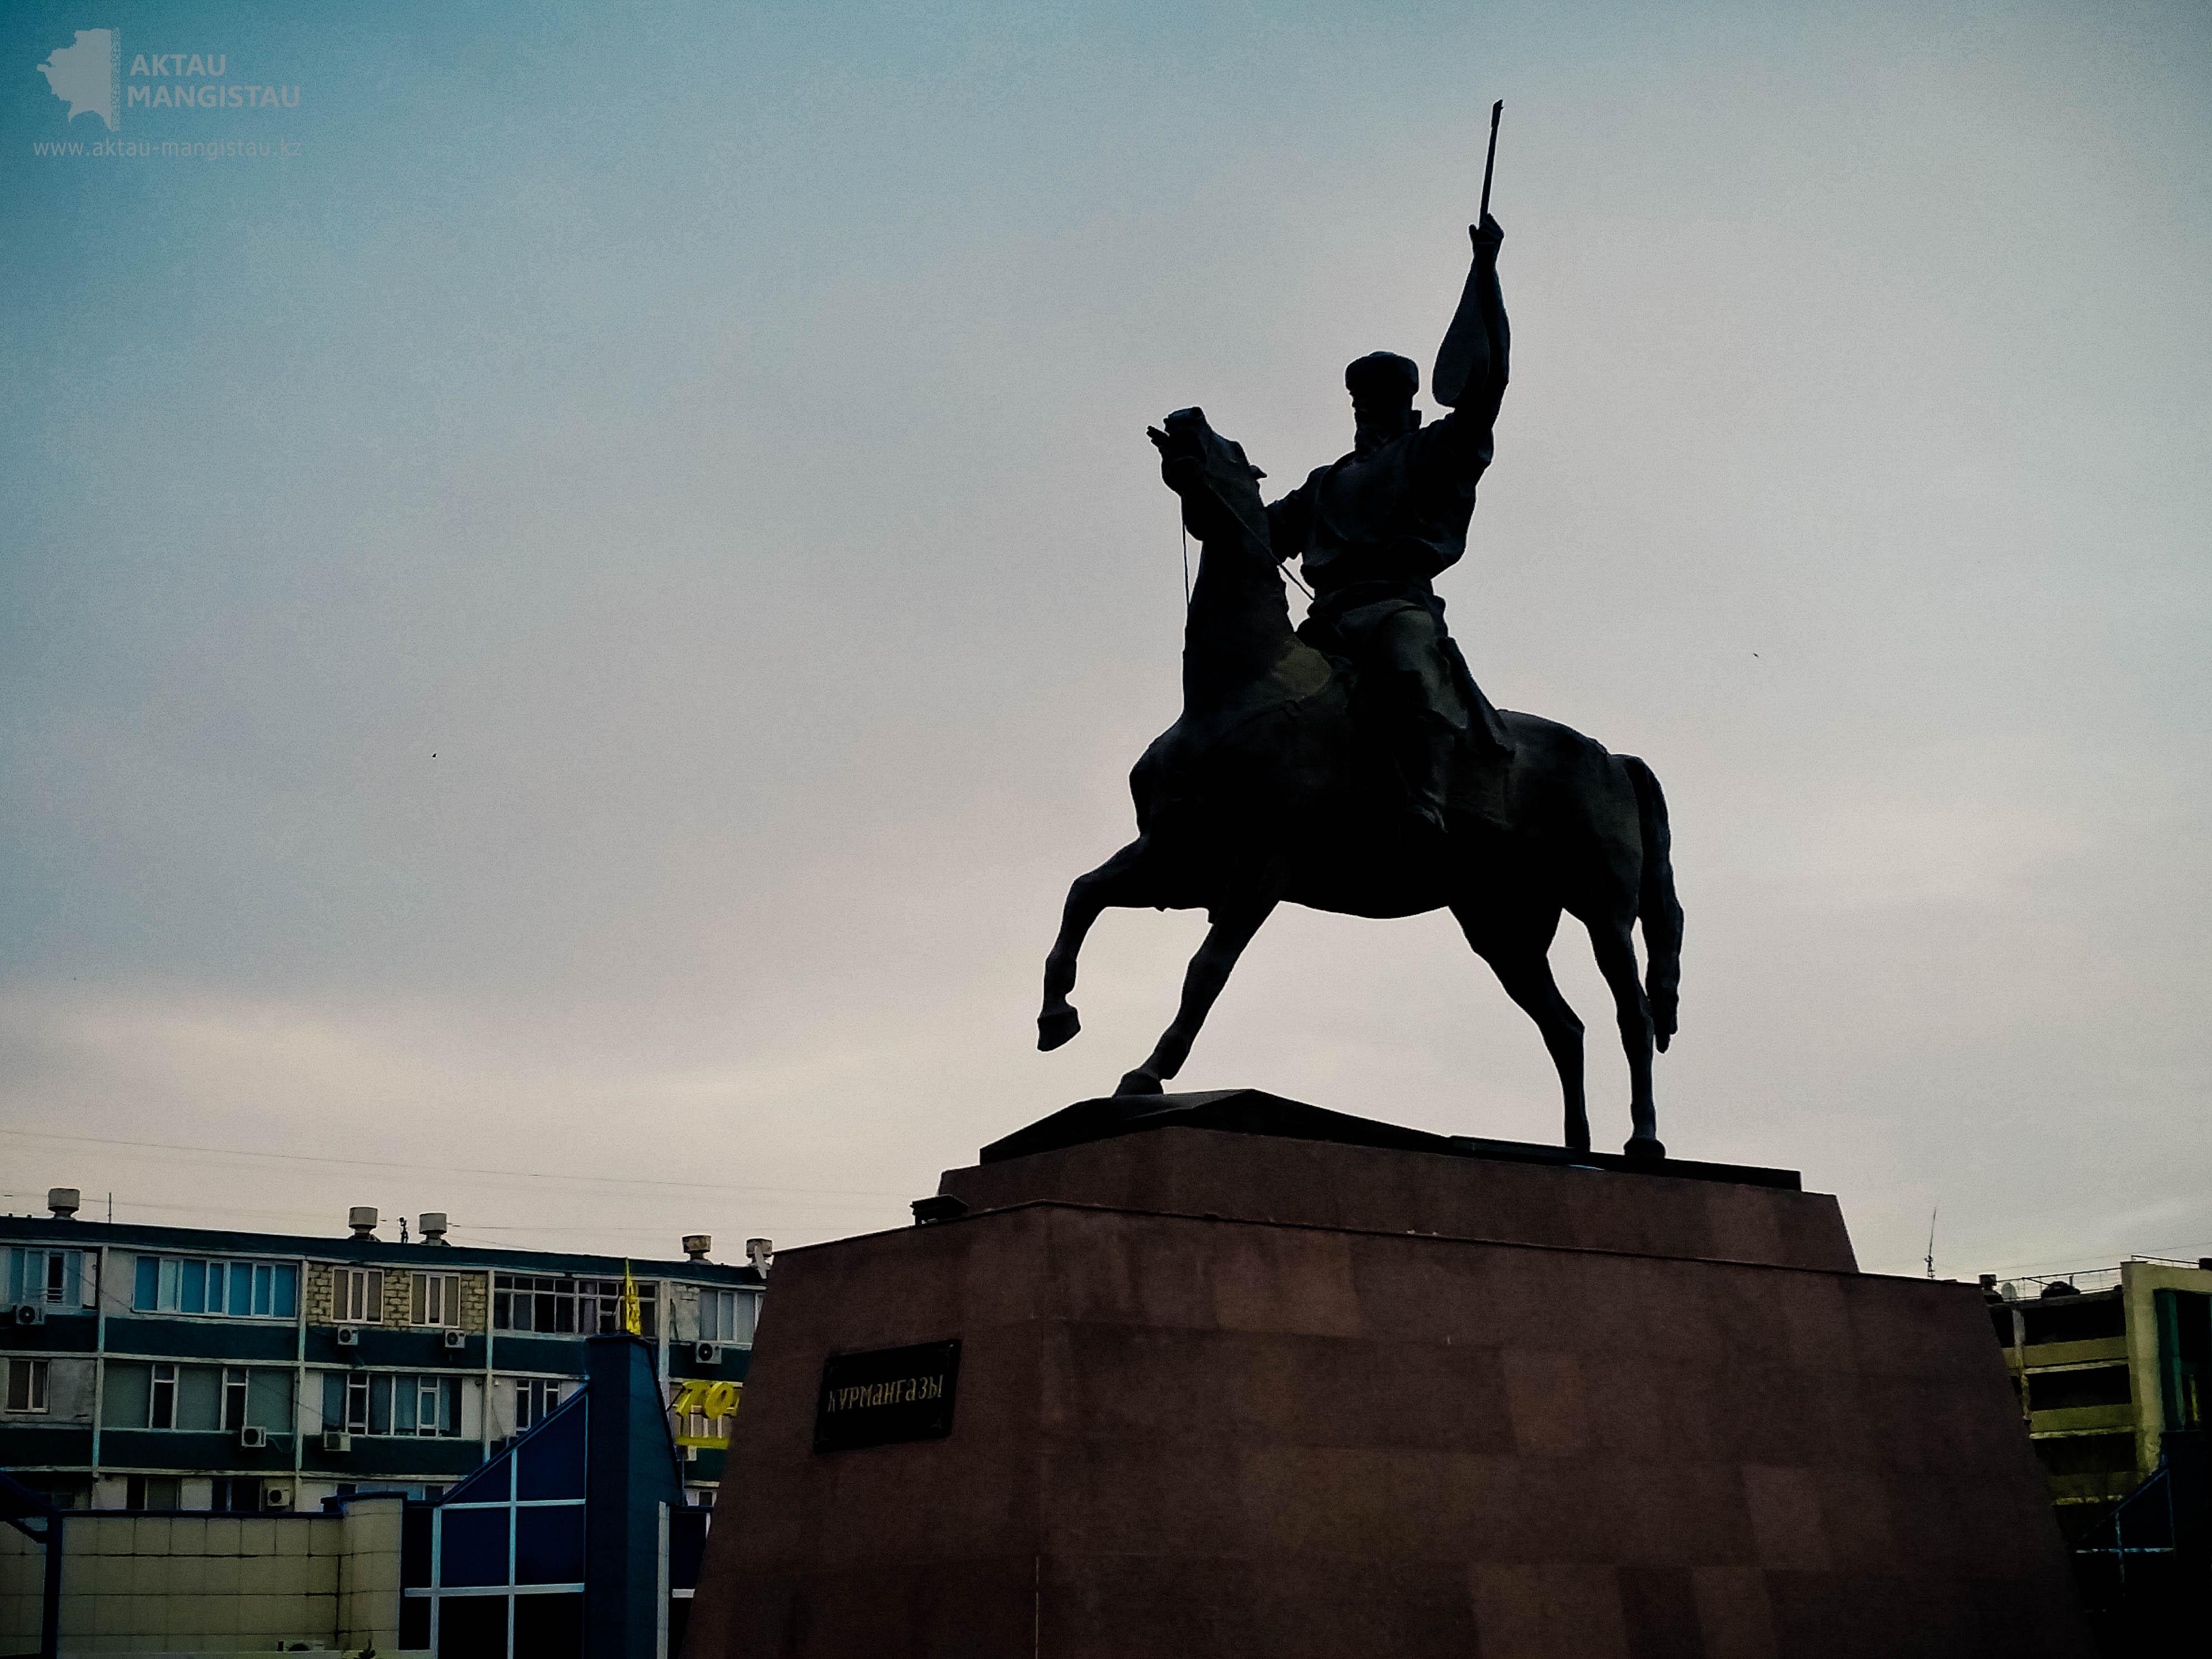 Памятник Курмангазы. Актау. Мангистау